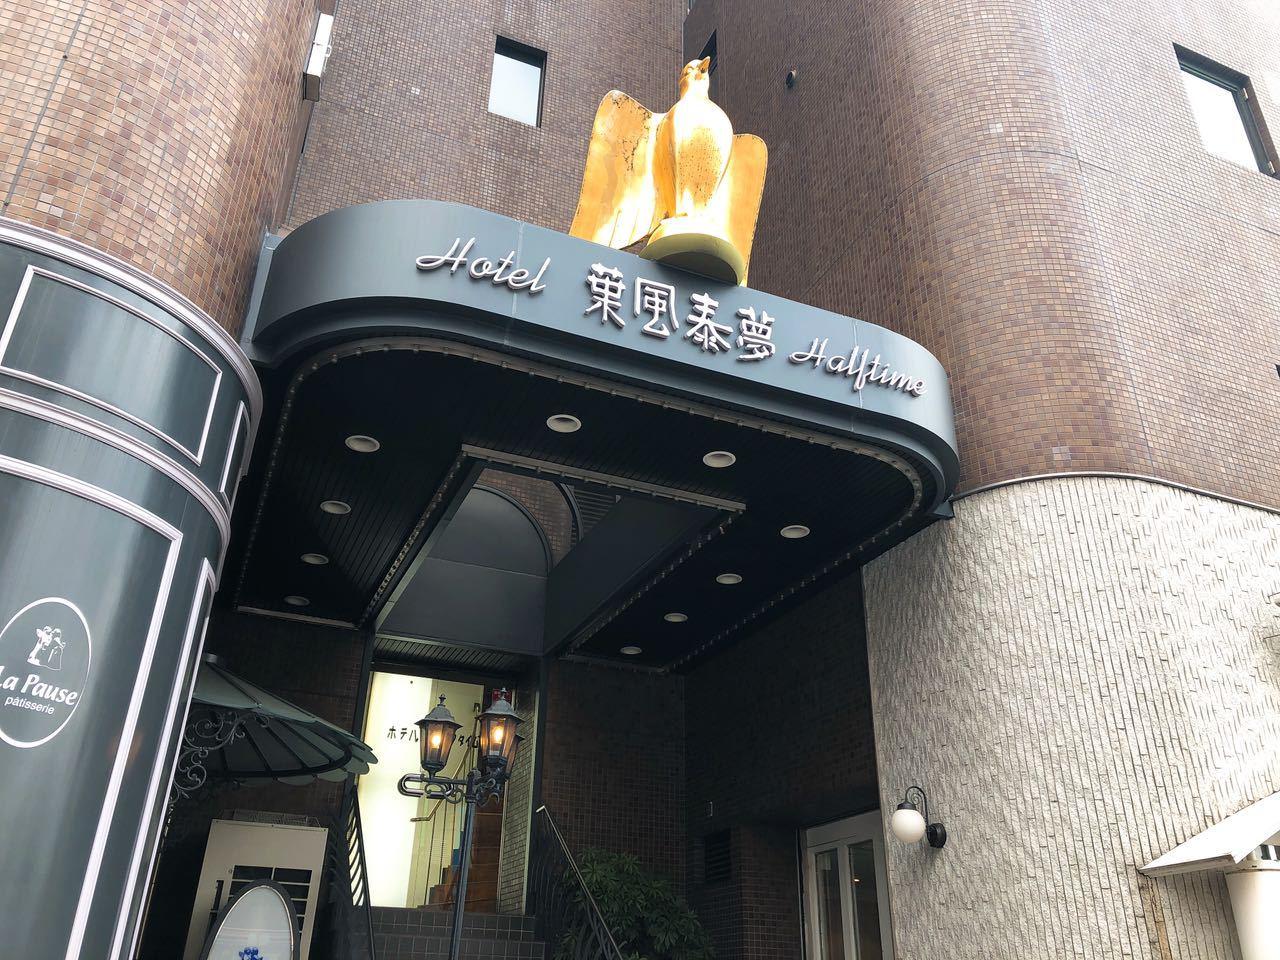 ホテル・葉風泰夢(ハーフタイム) image